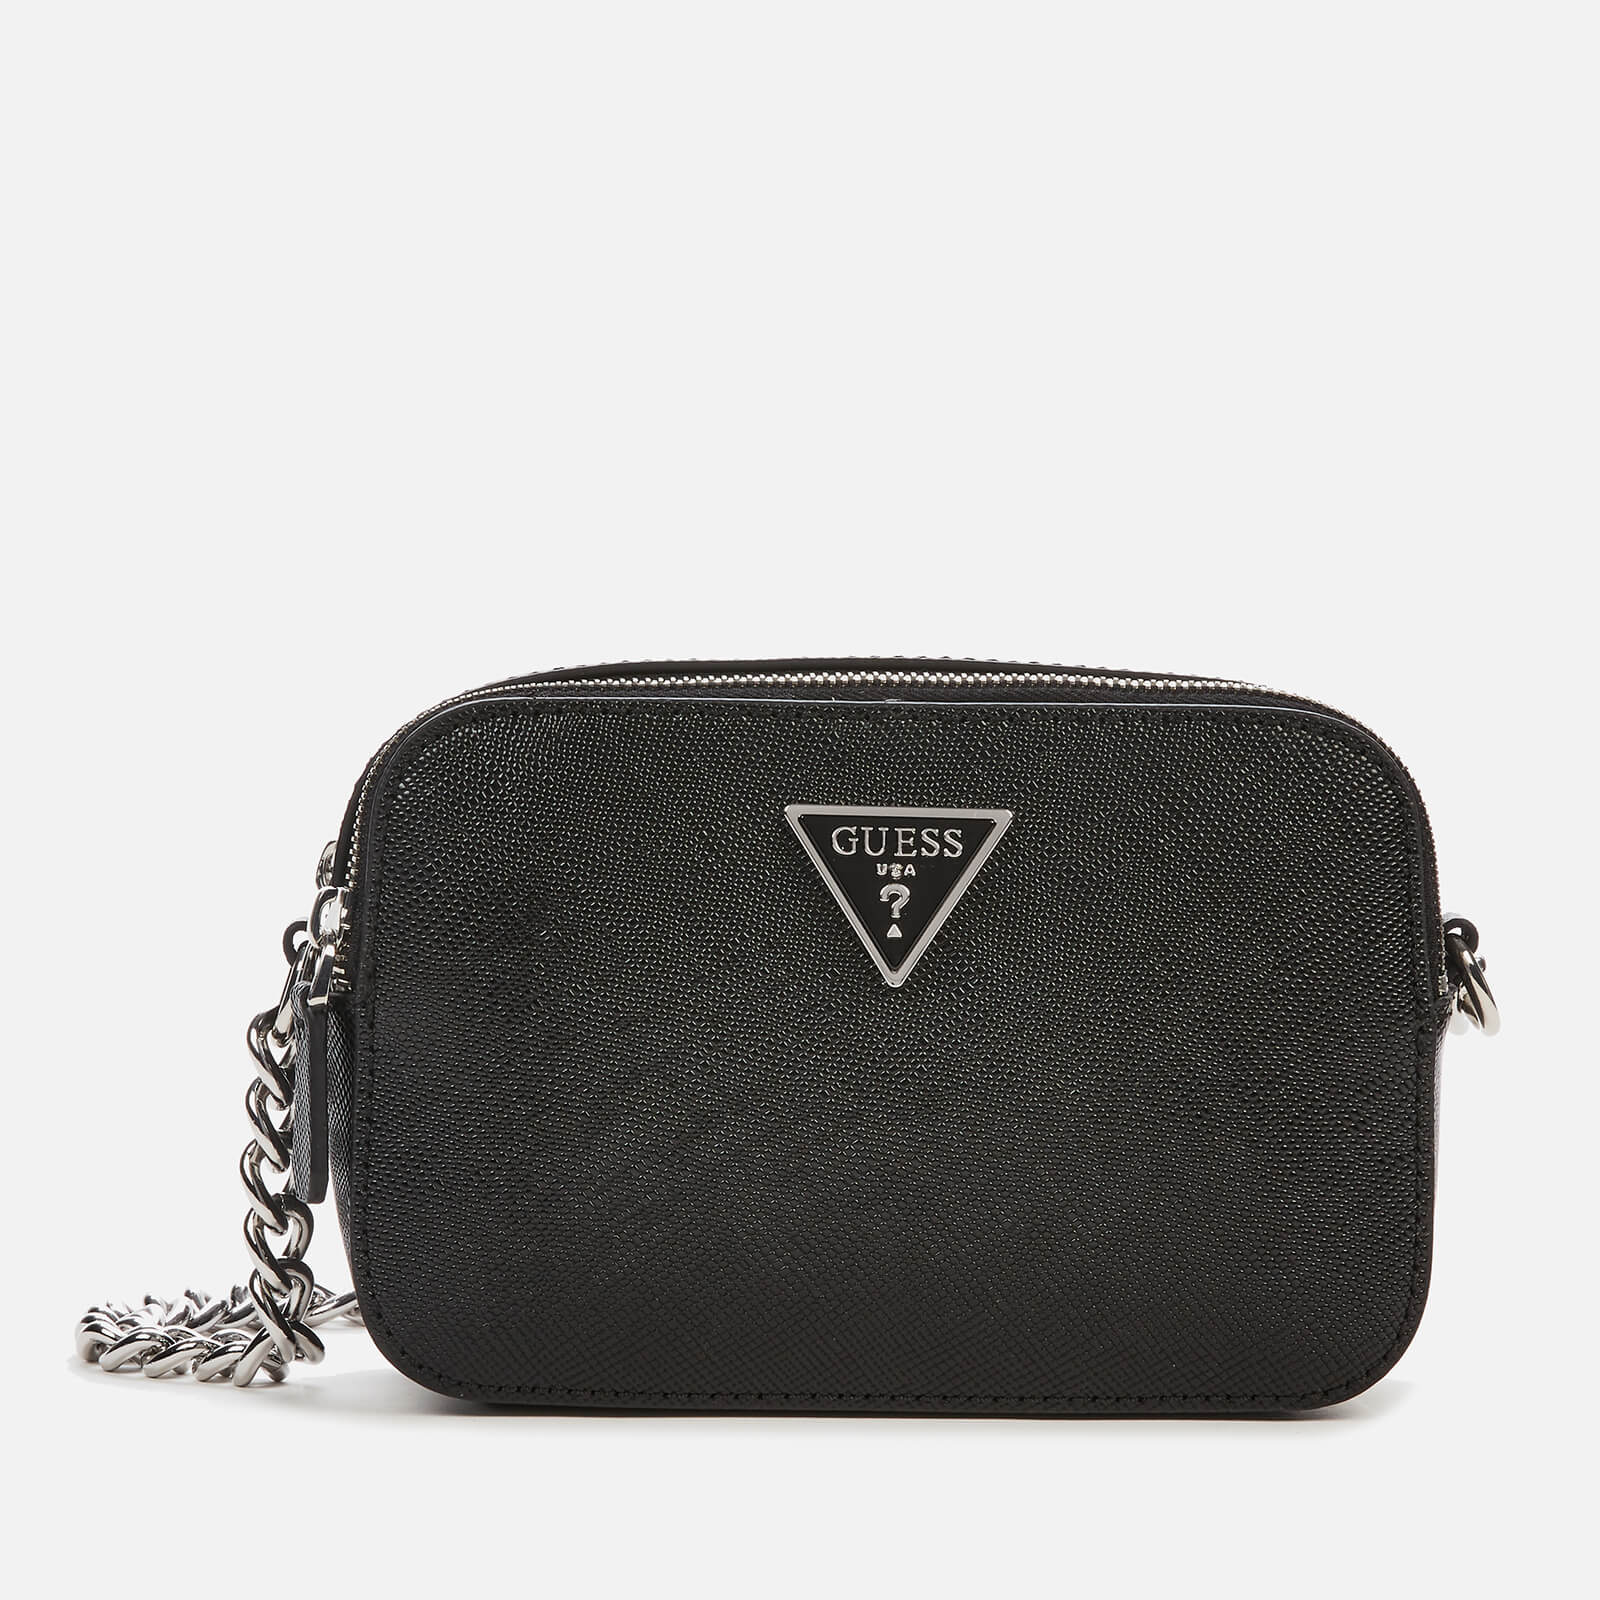 Guess Women's Noelle Cross Body Camera Bag - Black